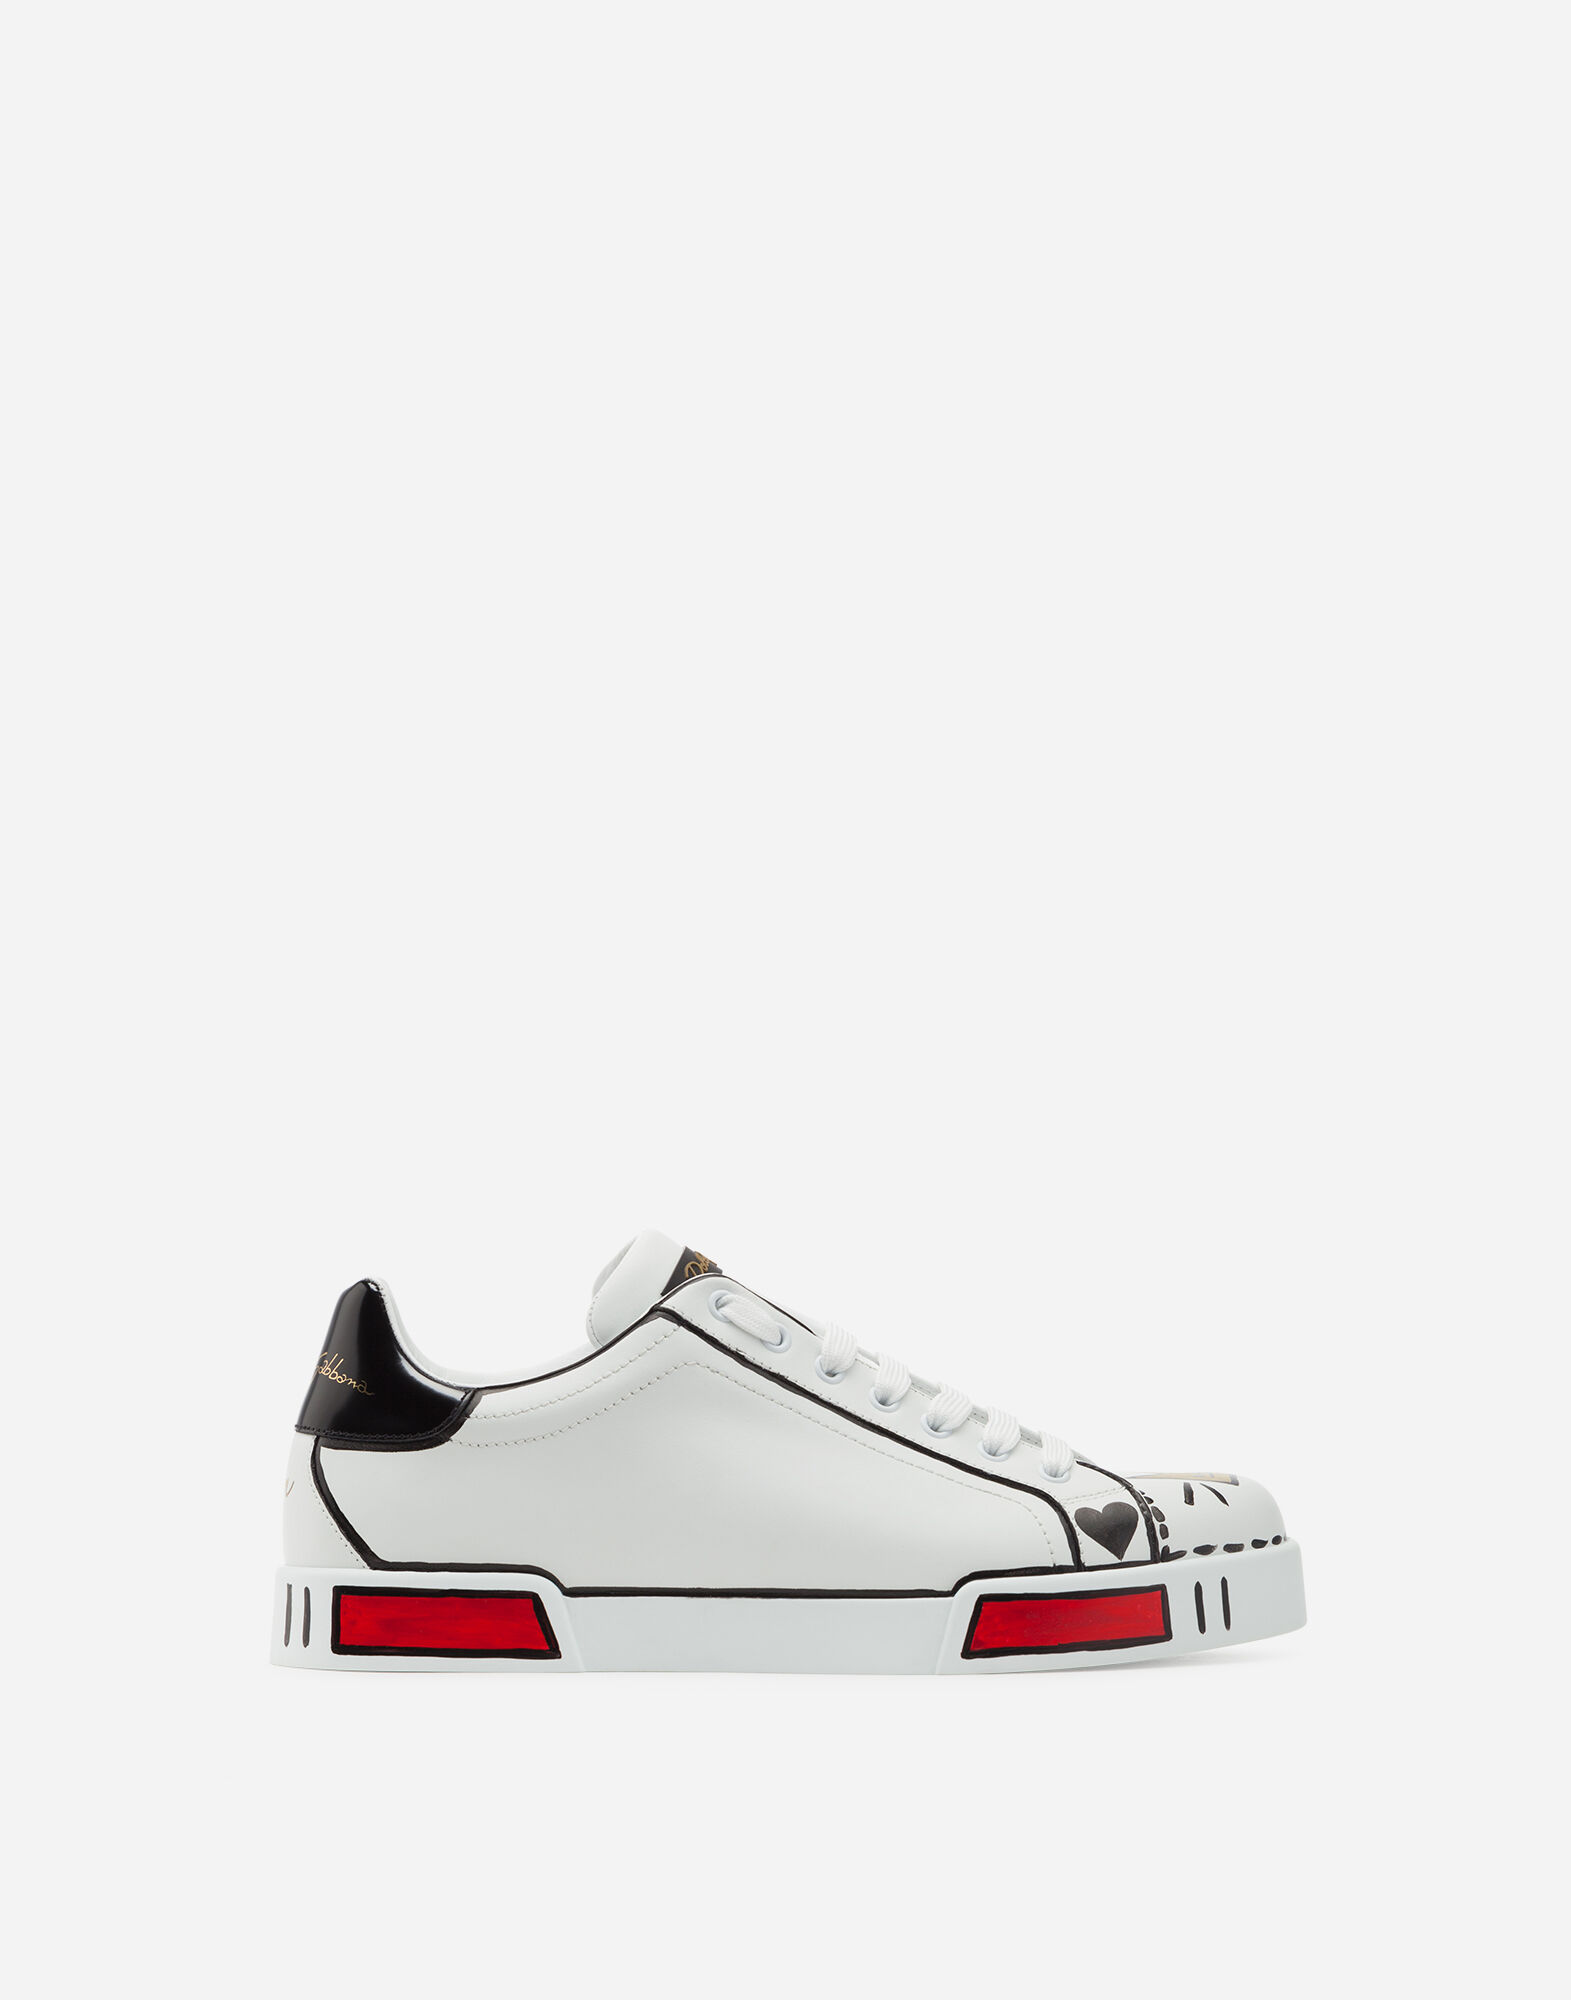 Für Schuhkollektion HerrenDolce amp;gabbana amp;gabbana Für Schuhkollektion Für HerrenDolce amp;gabbana HerrenDolce Schuhkollektion sQhdtr